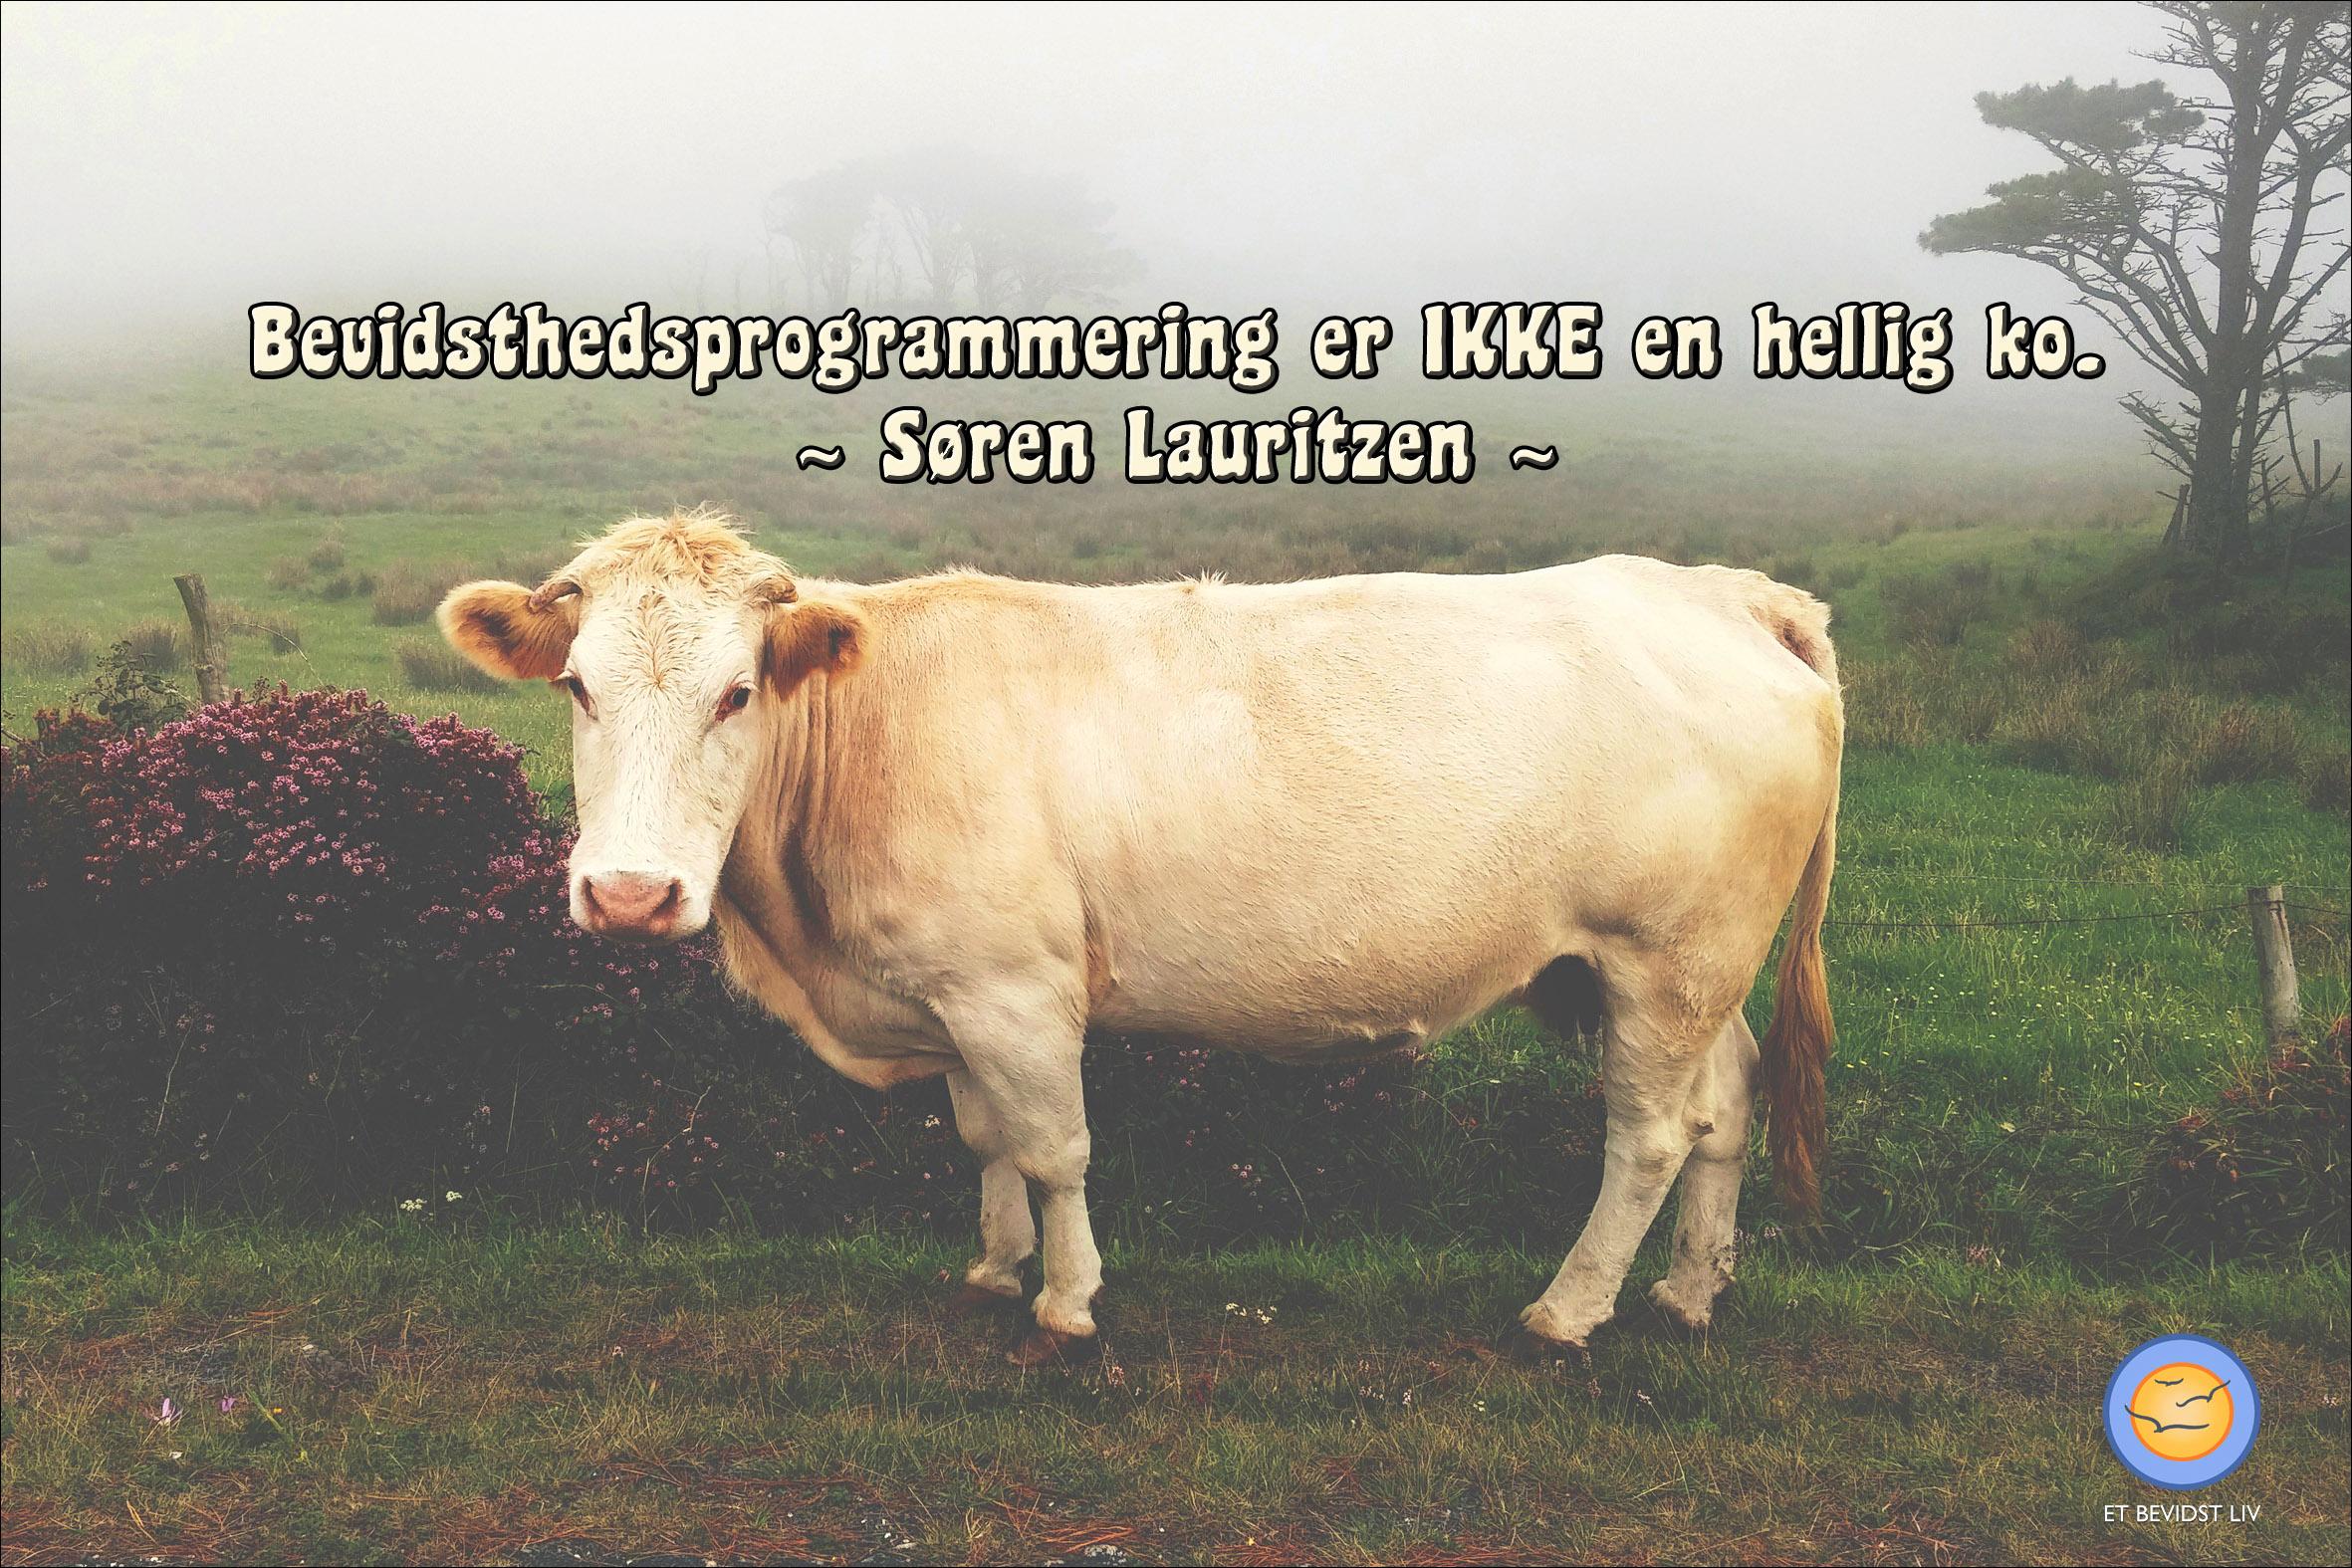 Foto: Beige ko på en tåget mark. Tekst: Bevidsthedsprogrammering er IKKE en hellig ko. (Søren Lauritzen)